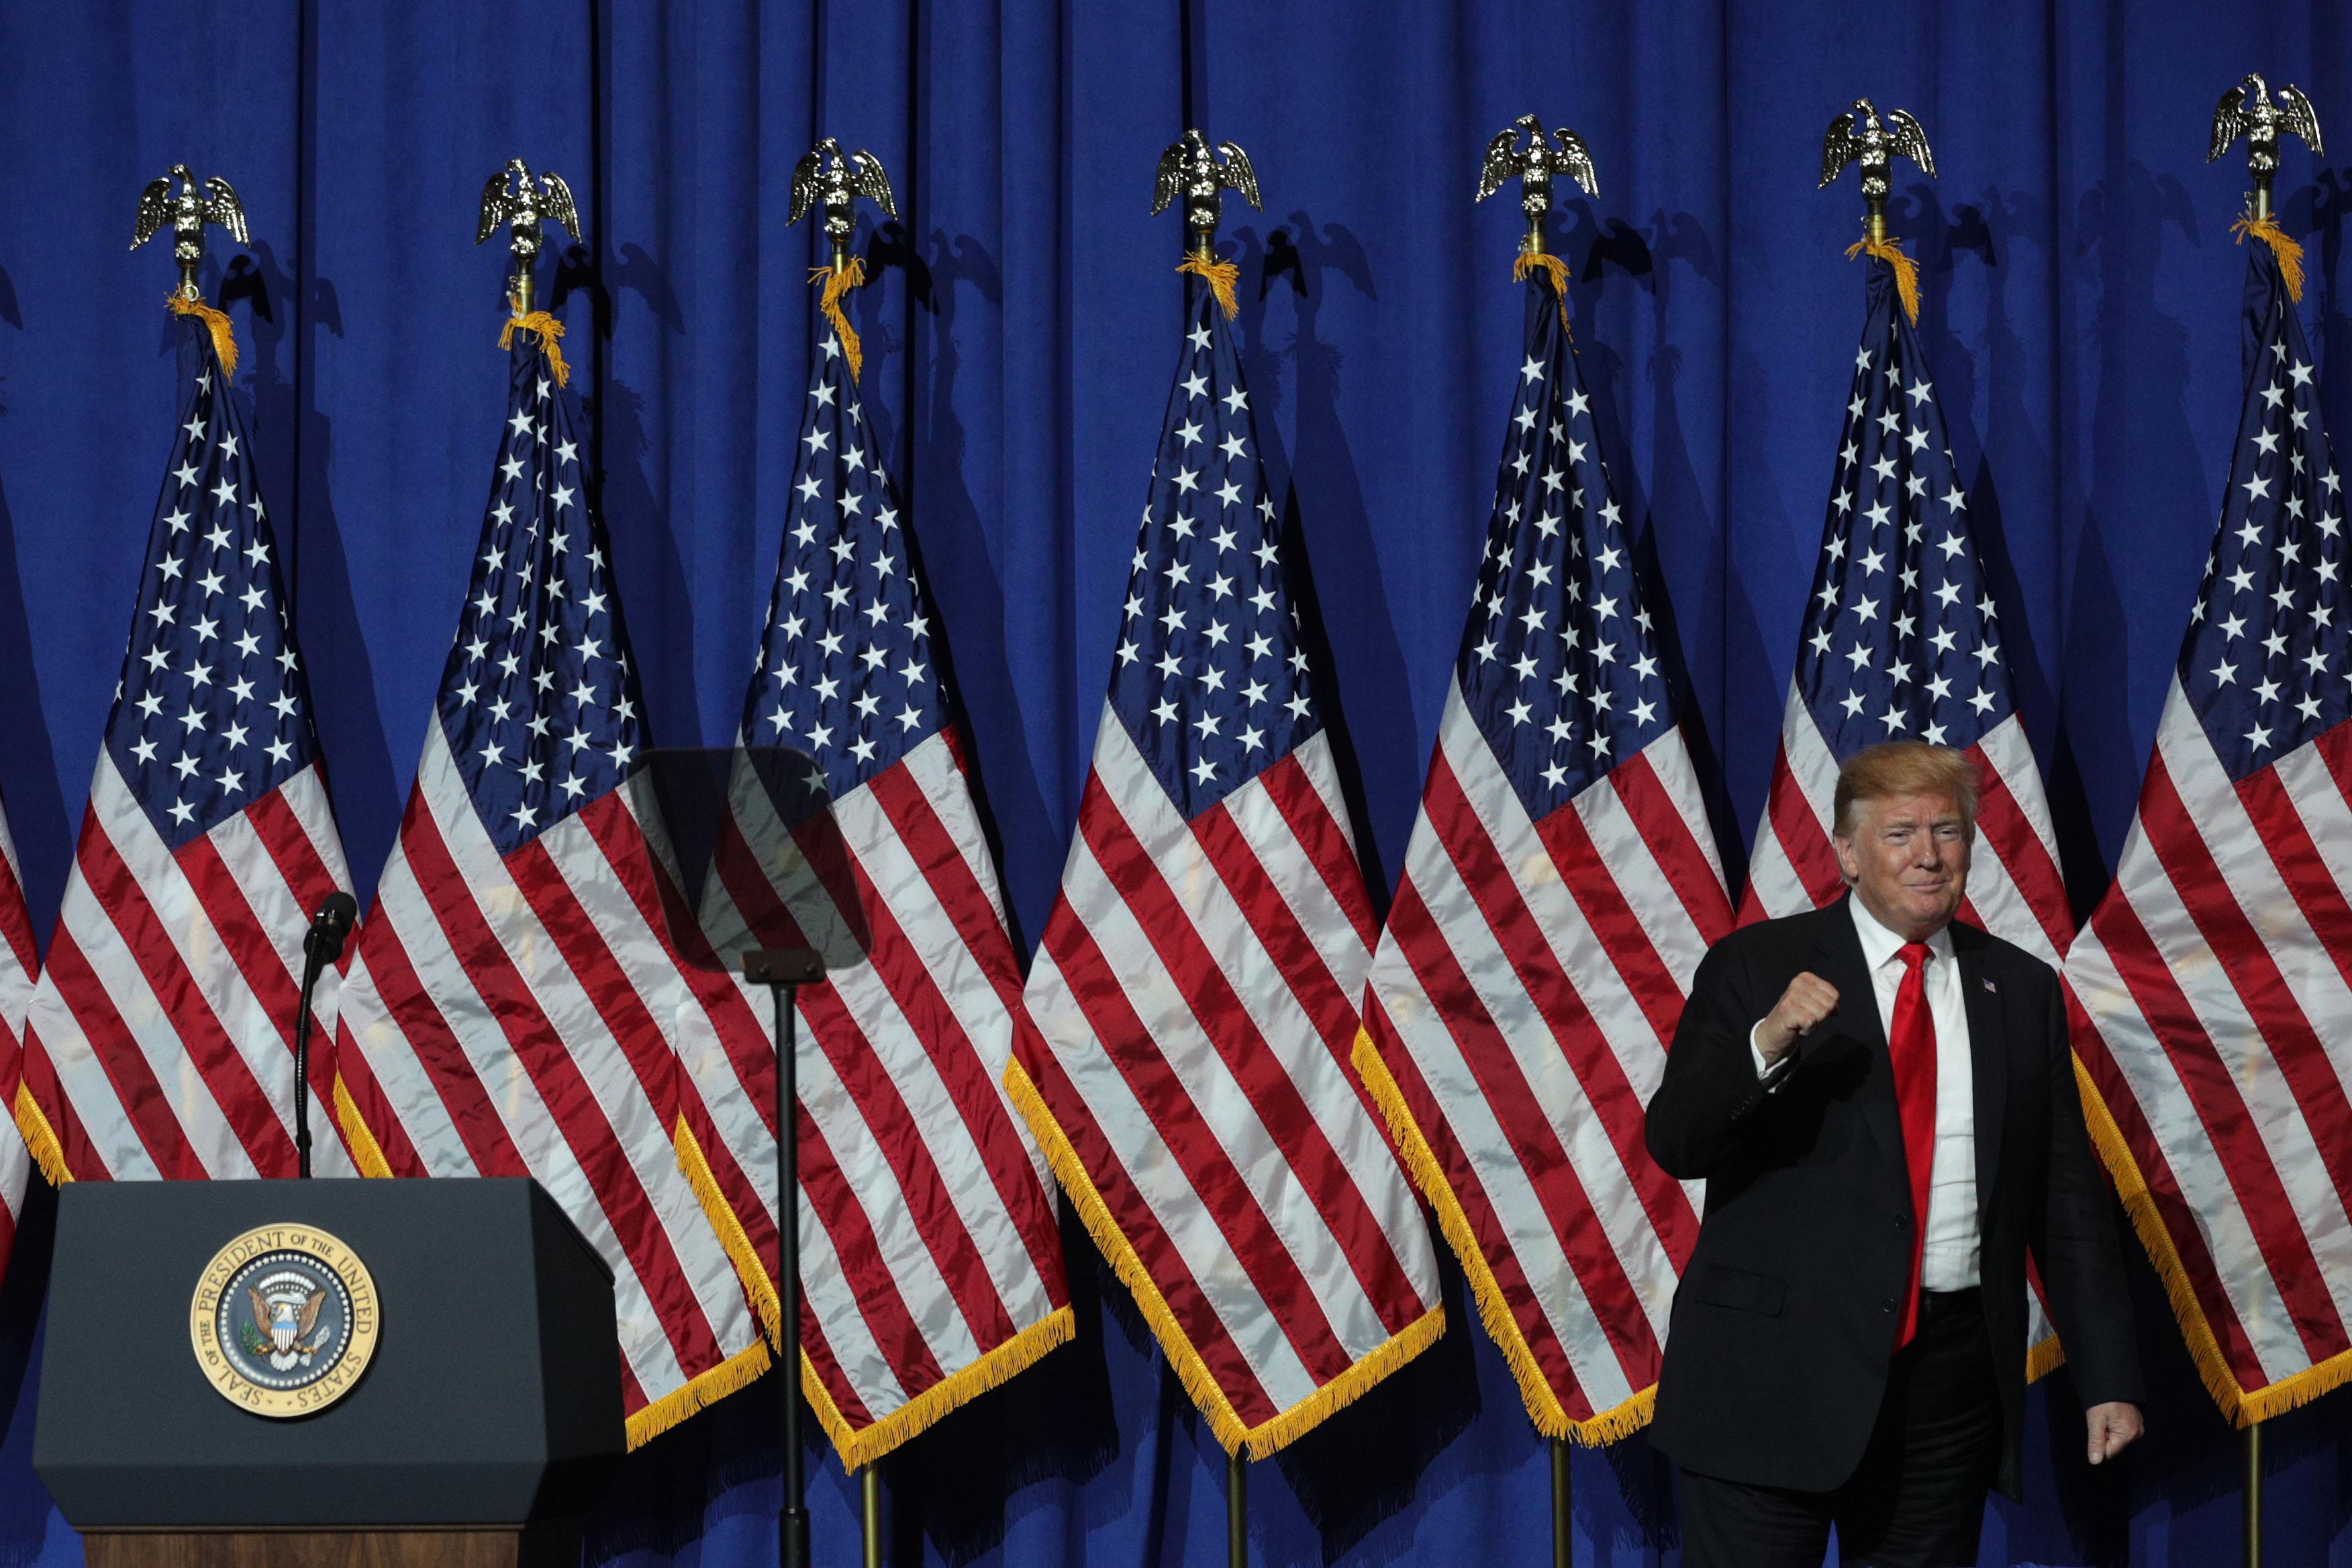 特朗普總統5月19日發推文說:「如果伊朗想要打戰,其將正式終結。永遠不要再威脅美國!」(Alex Wong/Getty Images)